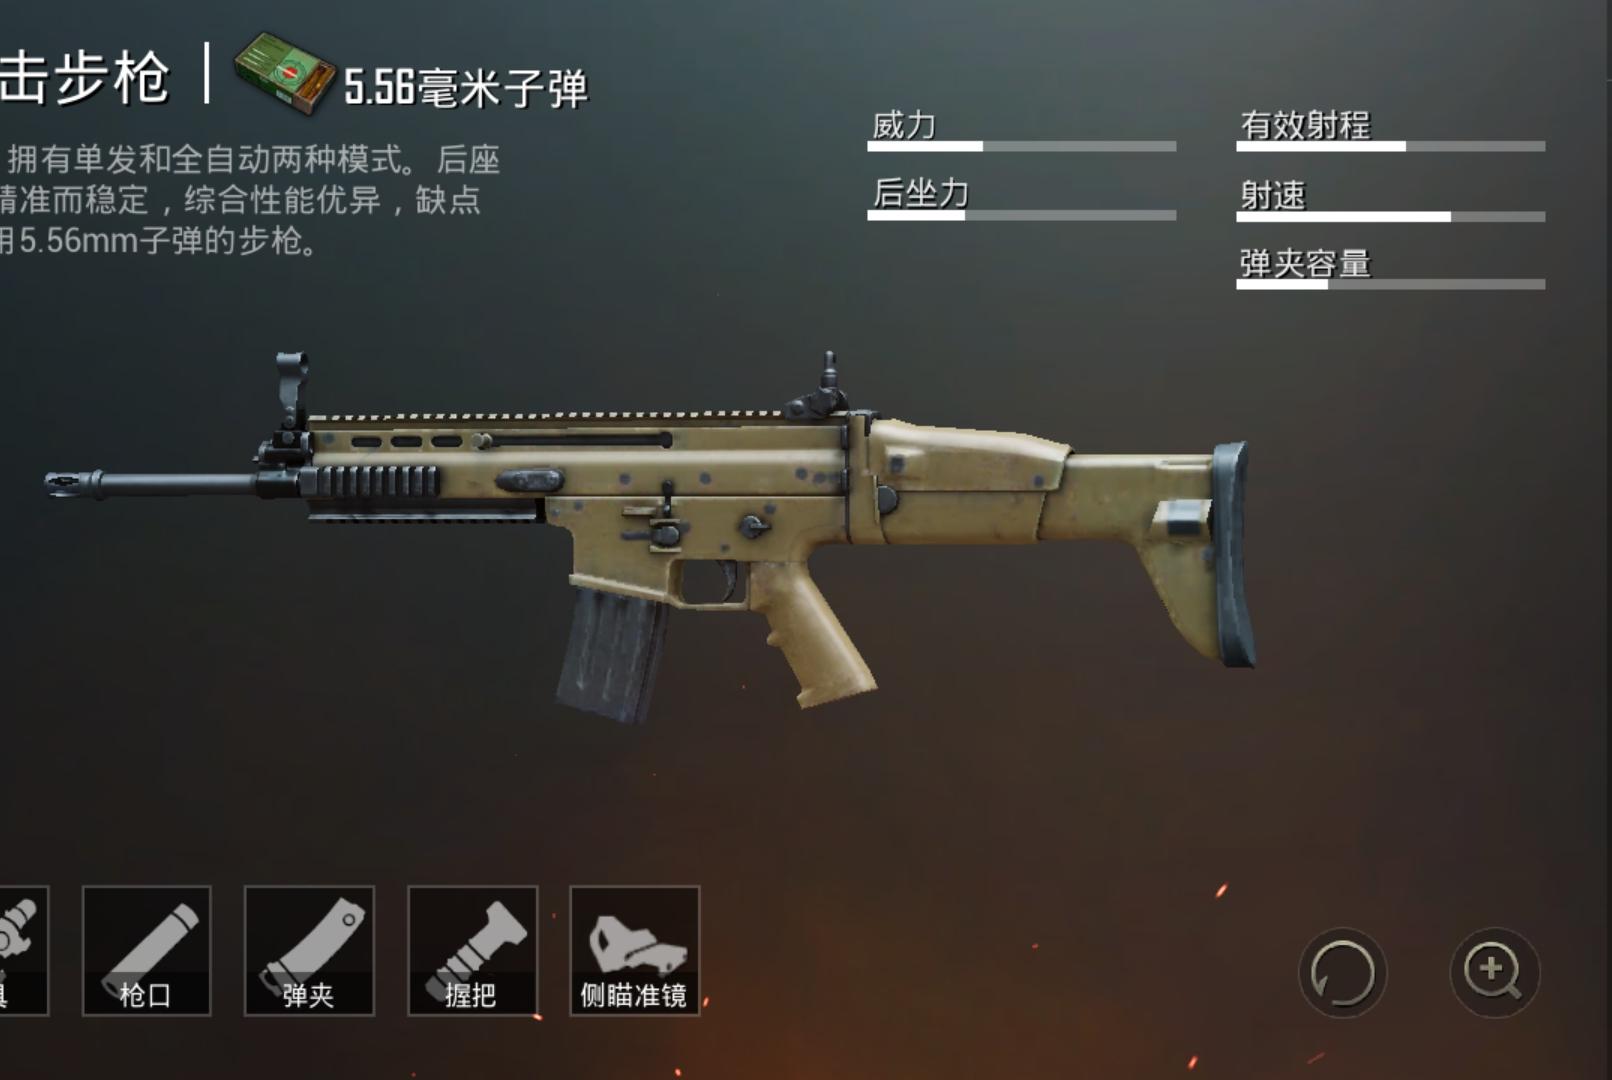 """6倍压枪最稳的枪械,M4只能排第三,第1被玩家""""嫌弃""""却很稳!"""